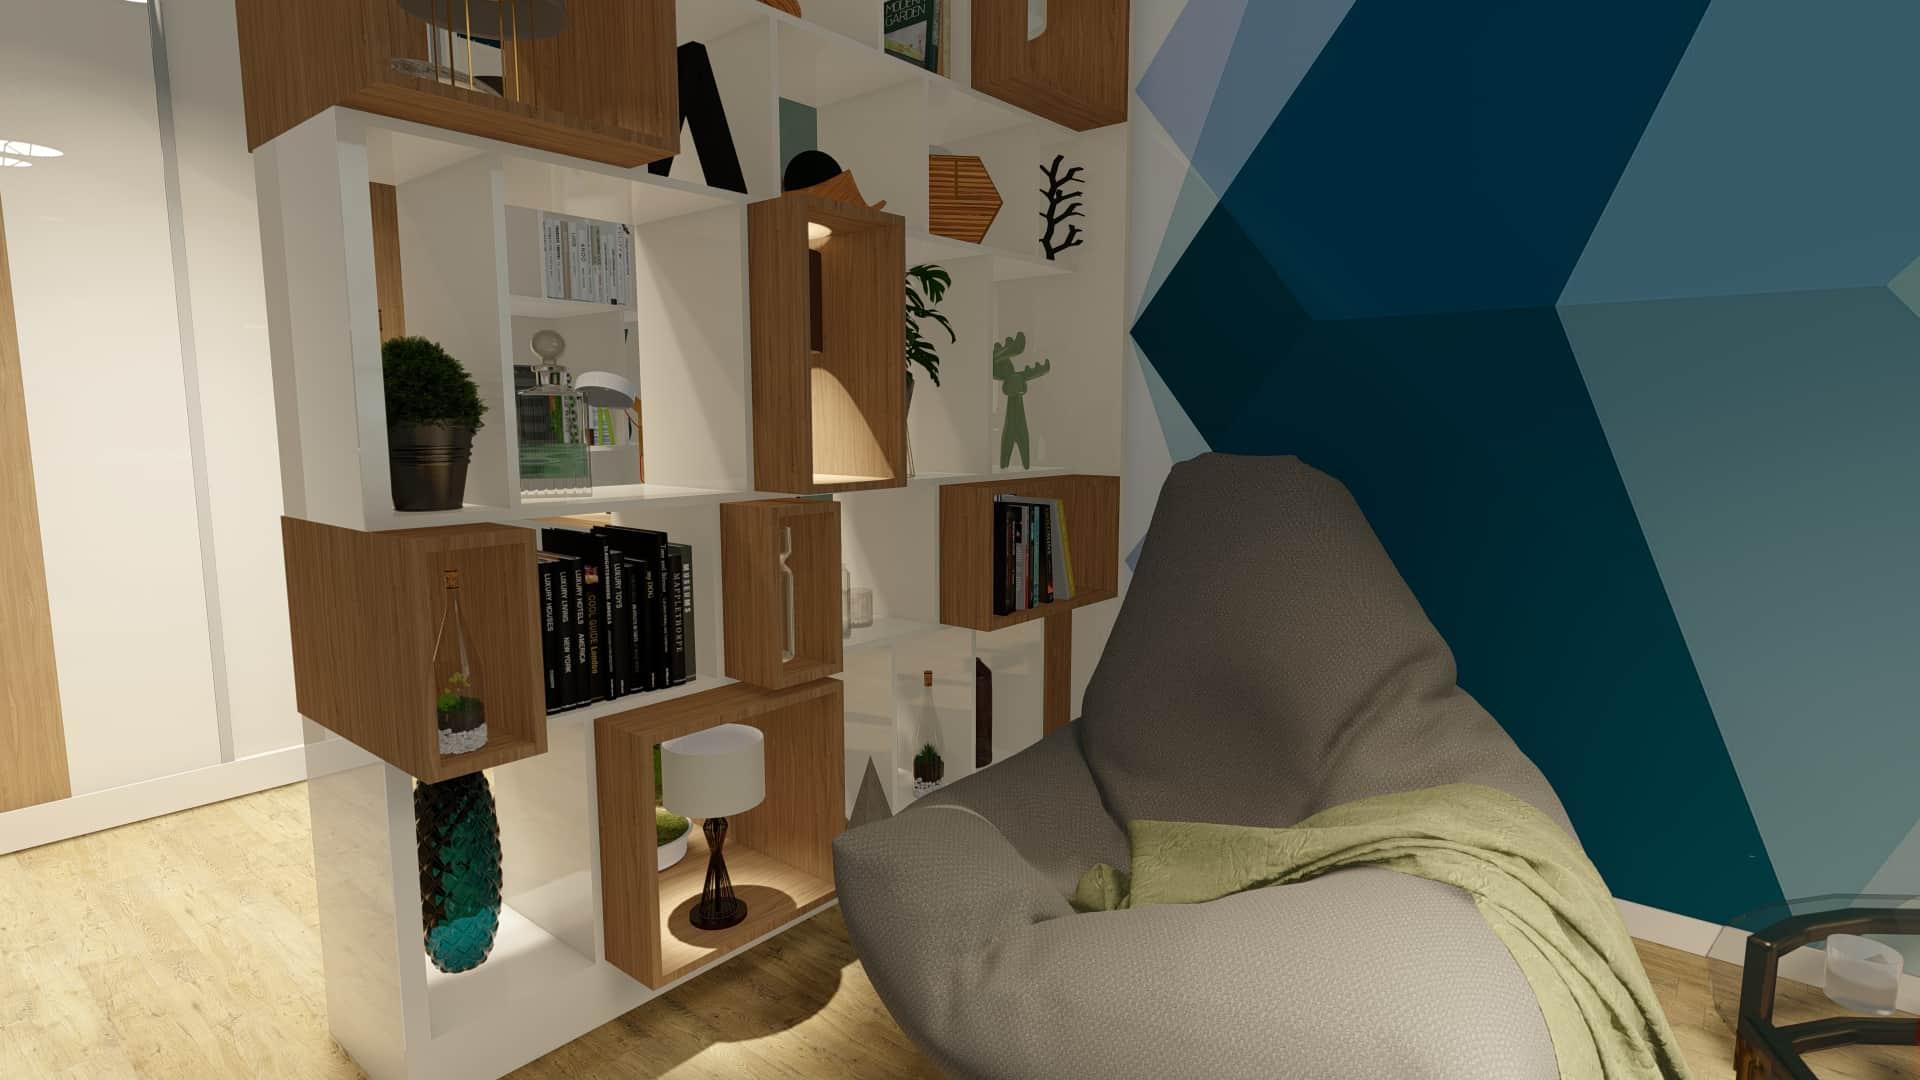 canapea moderna în living